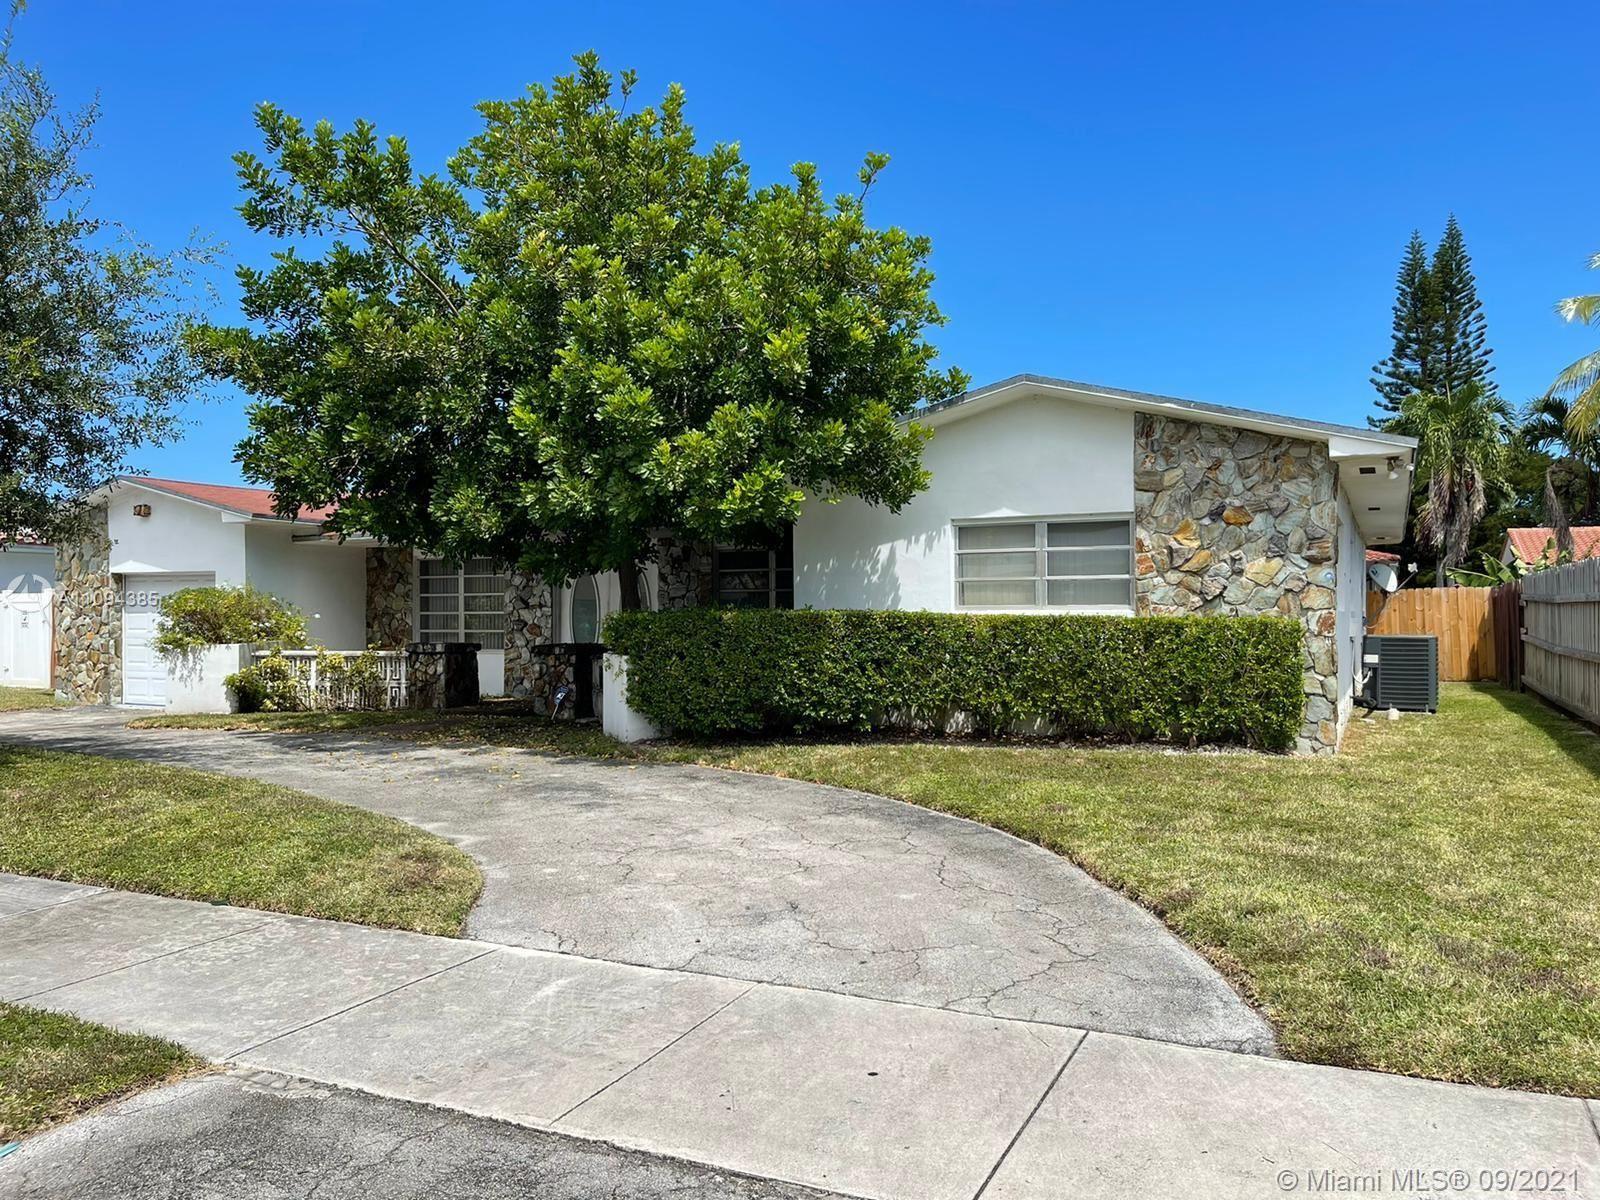 21231 NE 19th Ave, Miami, FL 33179 - #: A11094385